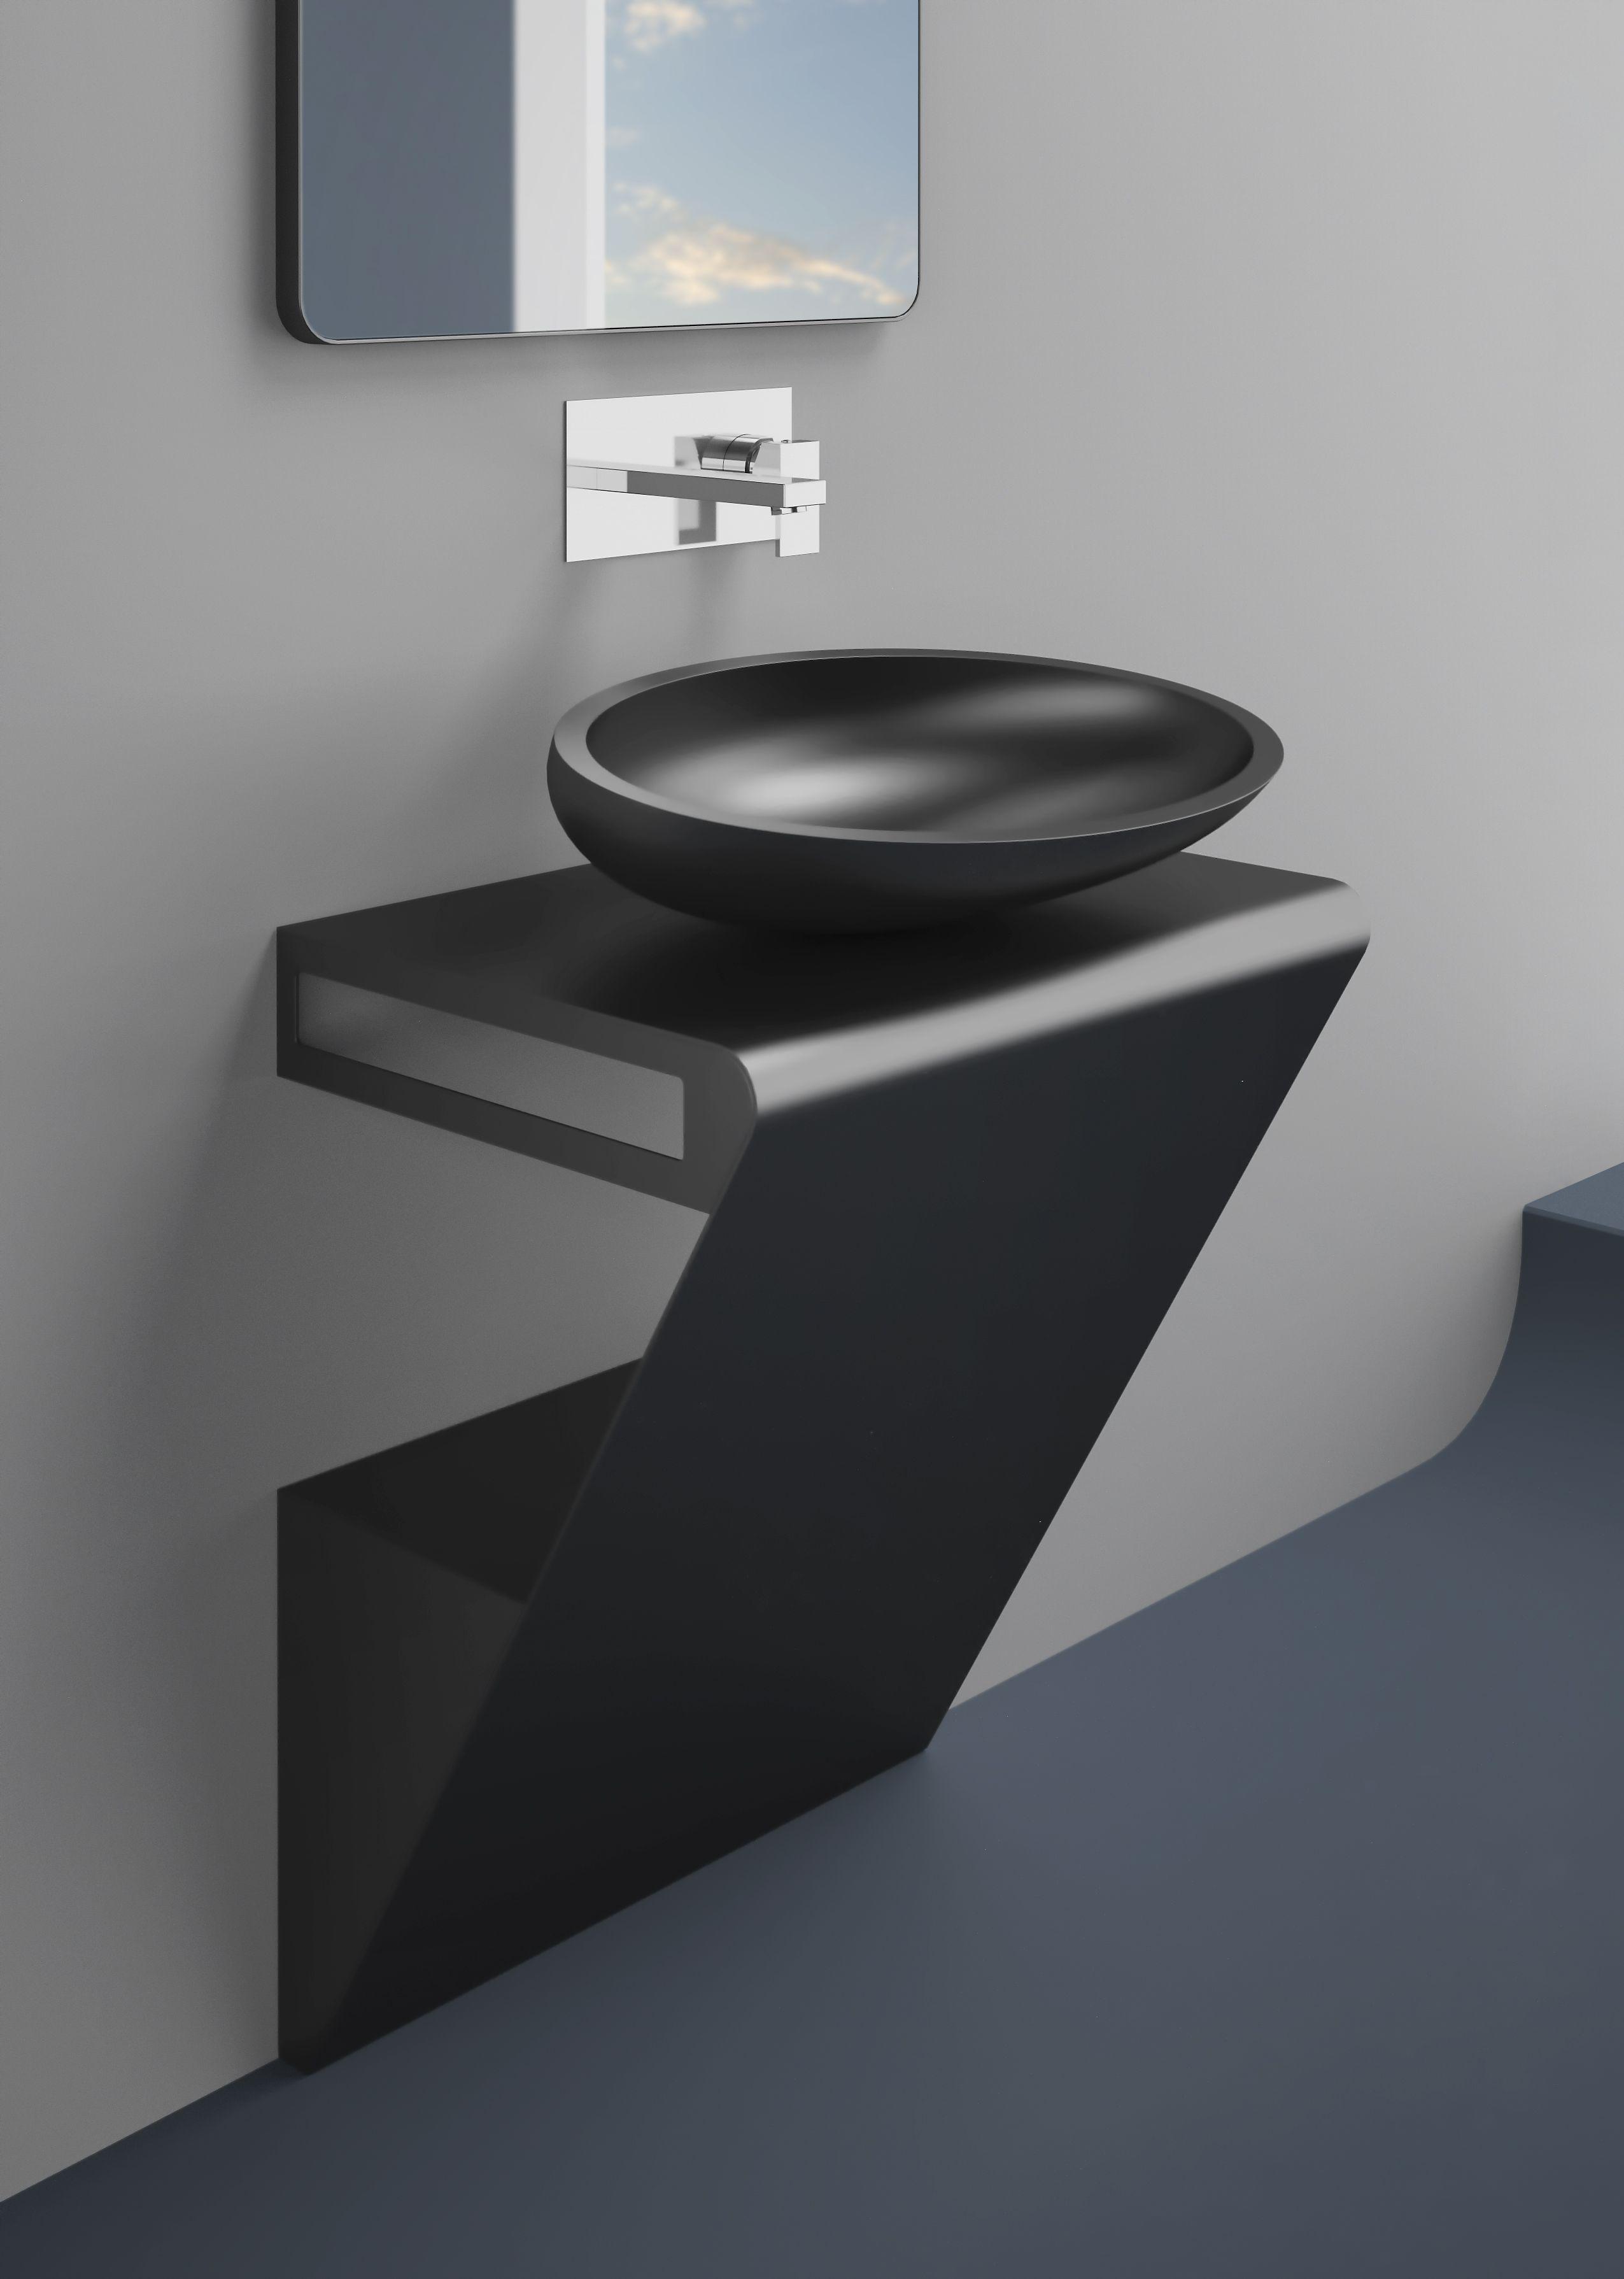 Meuble Salle De Bain En Inox Zero De Glass Design Meuble Lavabo Lavabo Design Decoration Toilettes